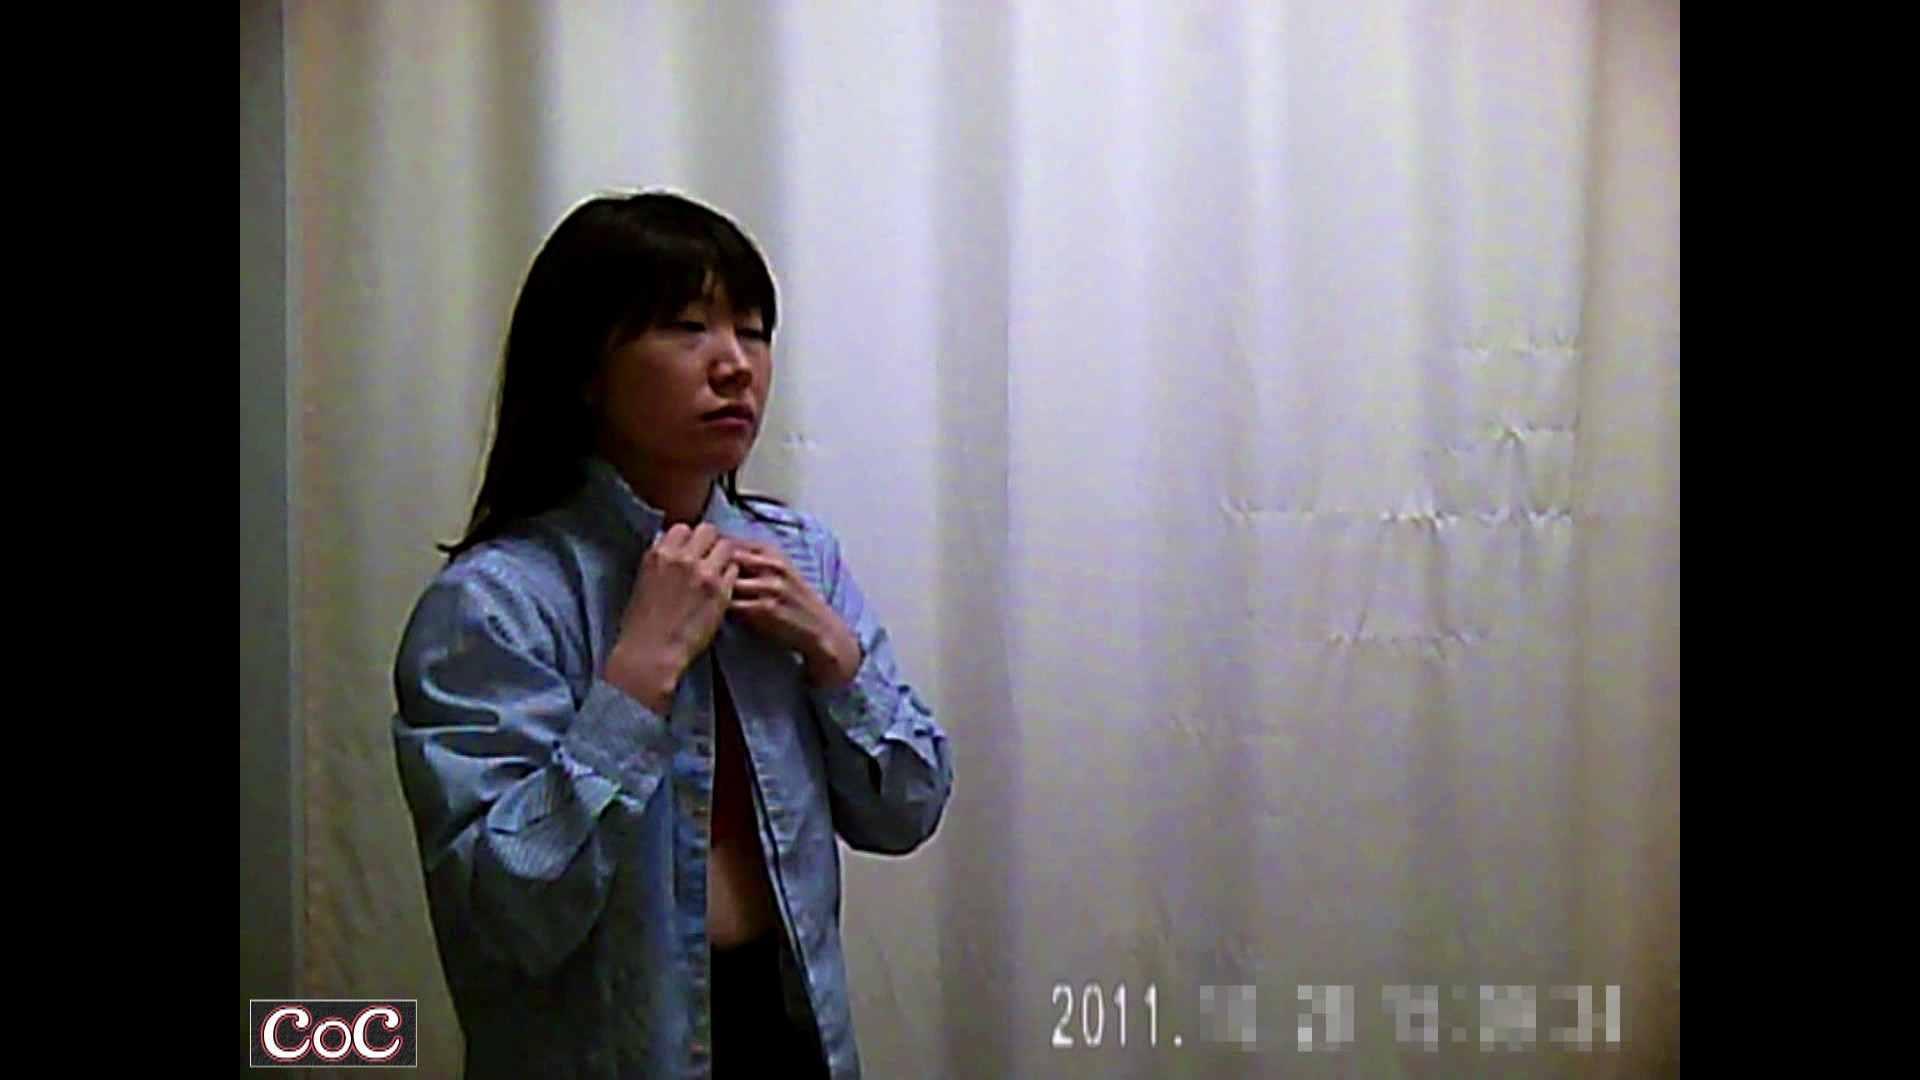 病院おもいっきり着替え! vol.75 おっぱい特集 オマンコ無修正動画無料 84pic 11